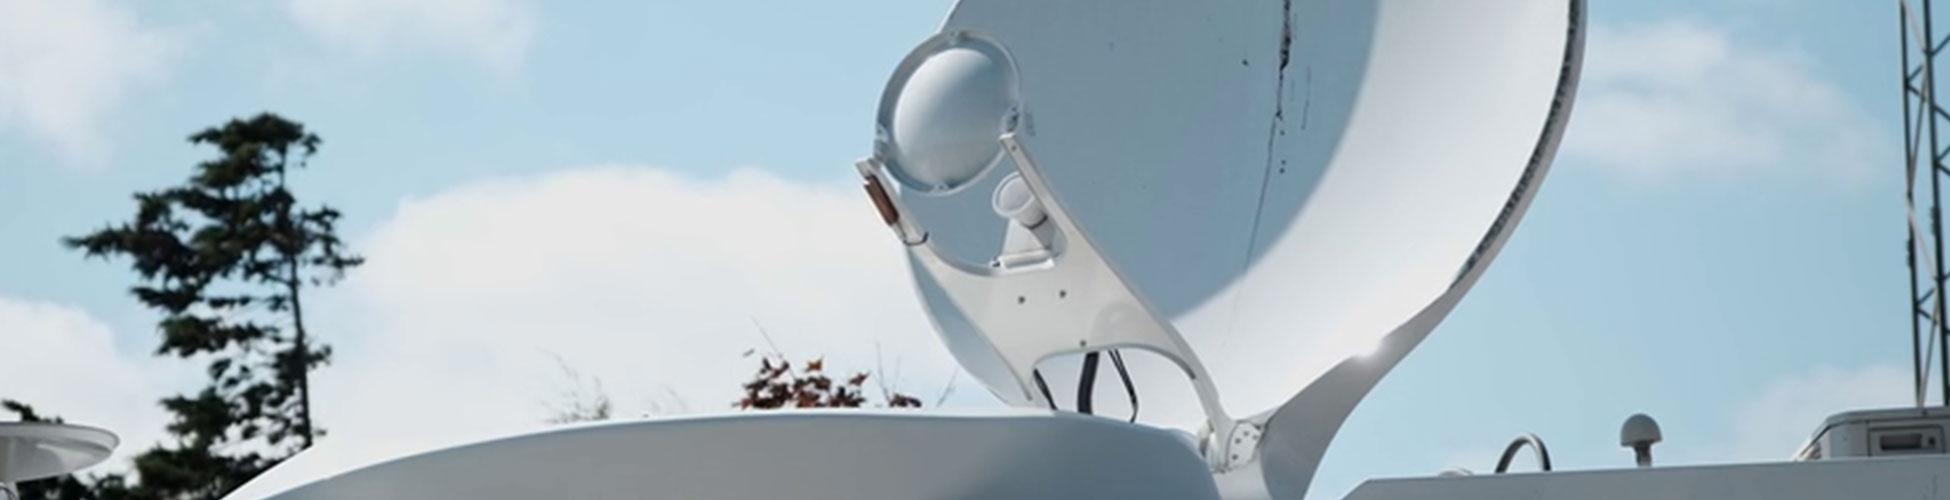 Soluciones de software de streaming y transmisión de audio para furgonetas OB, estaciones remotas y demás